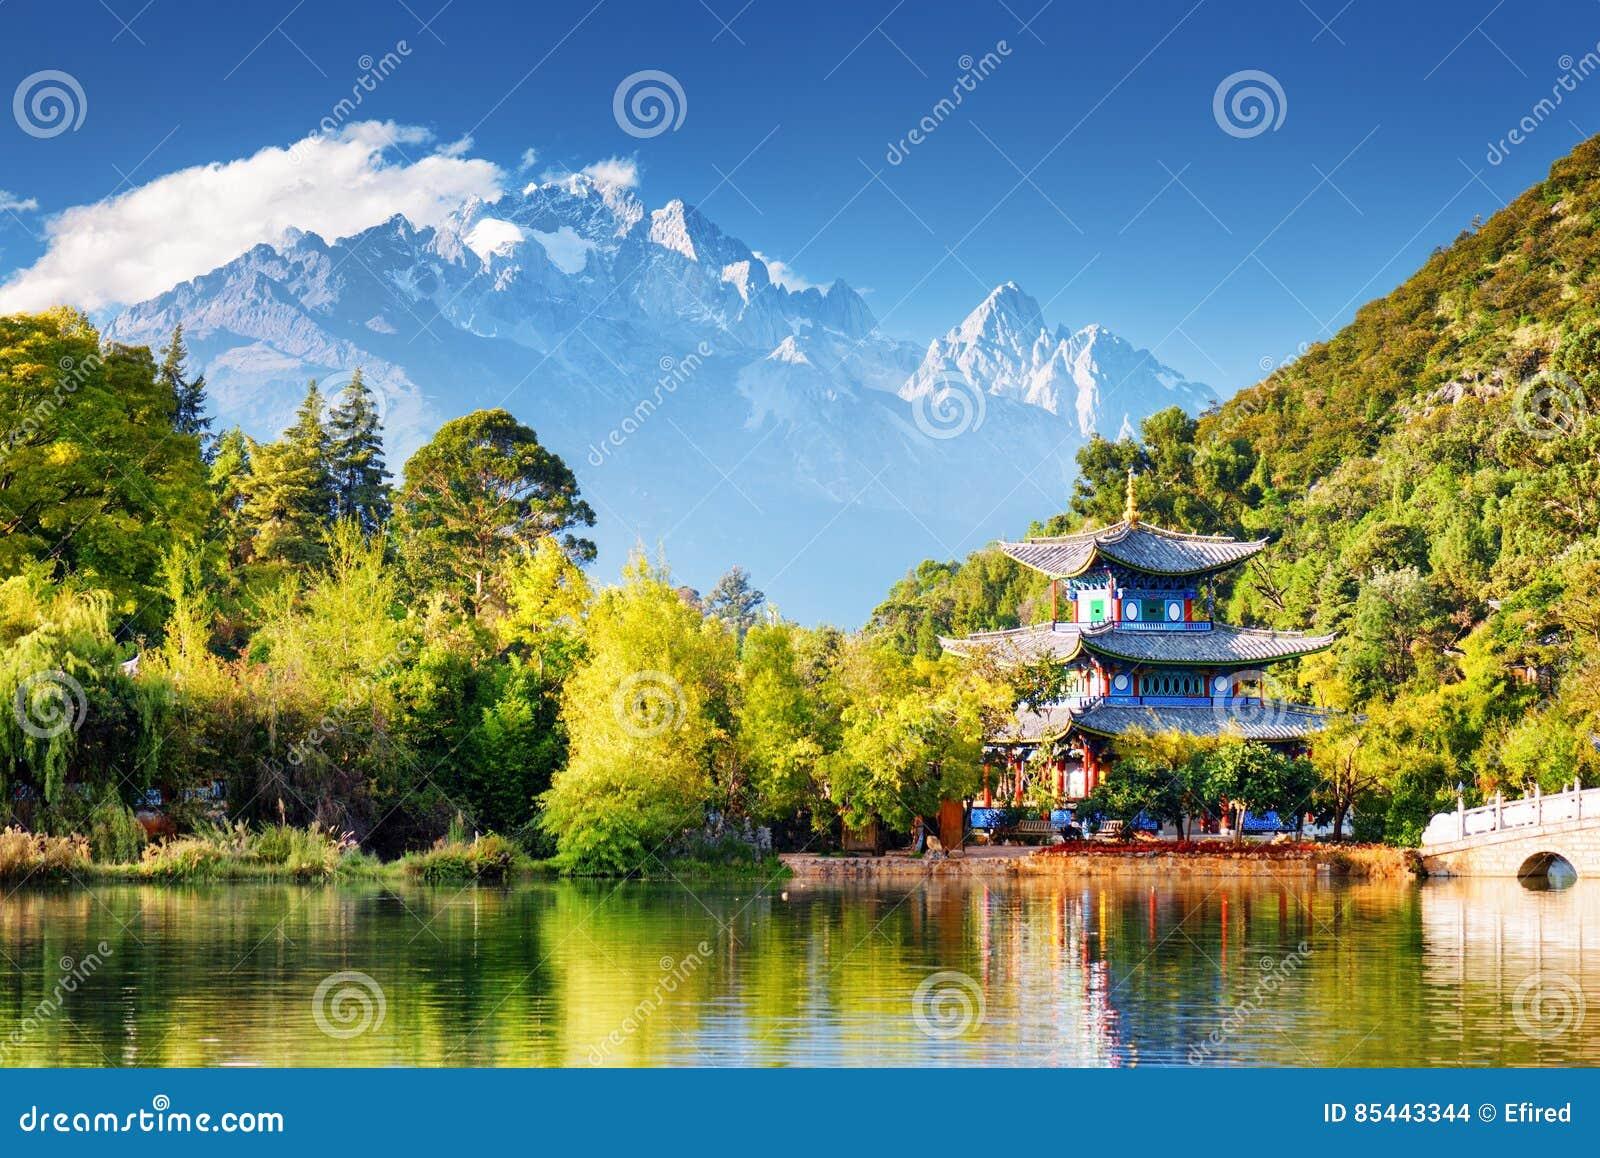 O pavilhão do abraço da lua e a Jade Dragon Snow Mountain